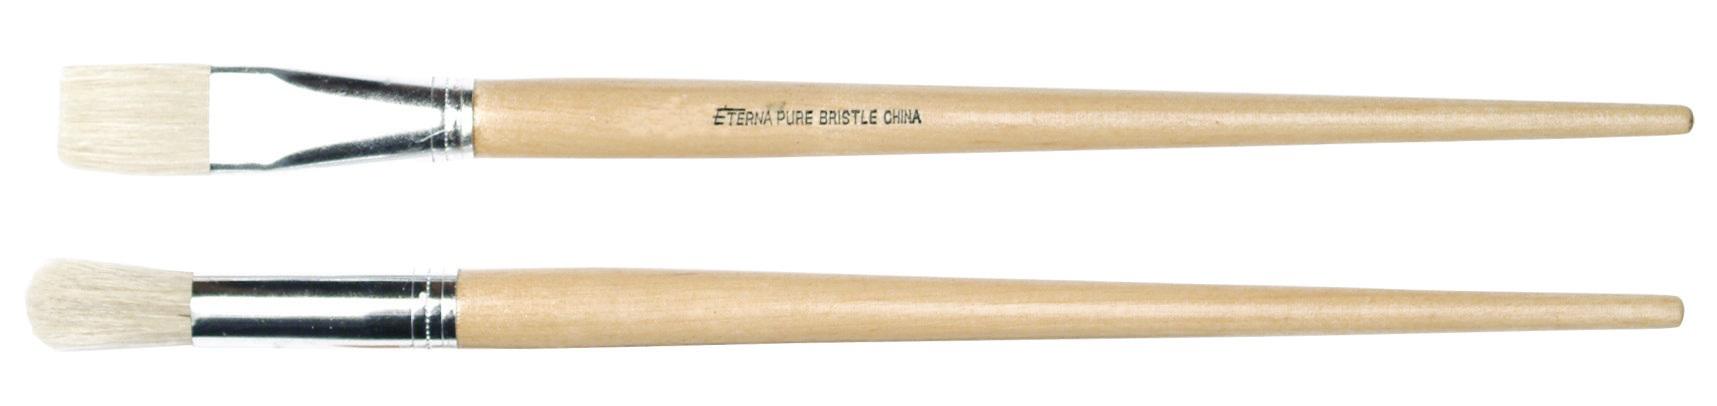 No.5 Round Hog Brush